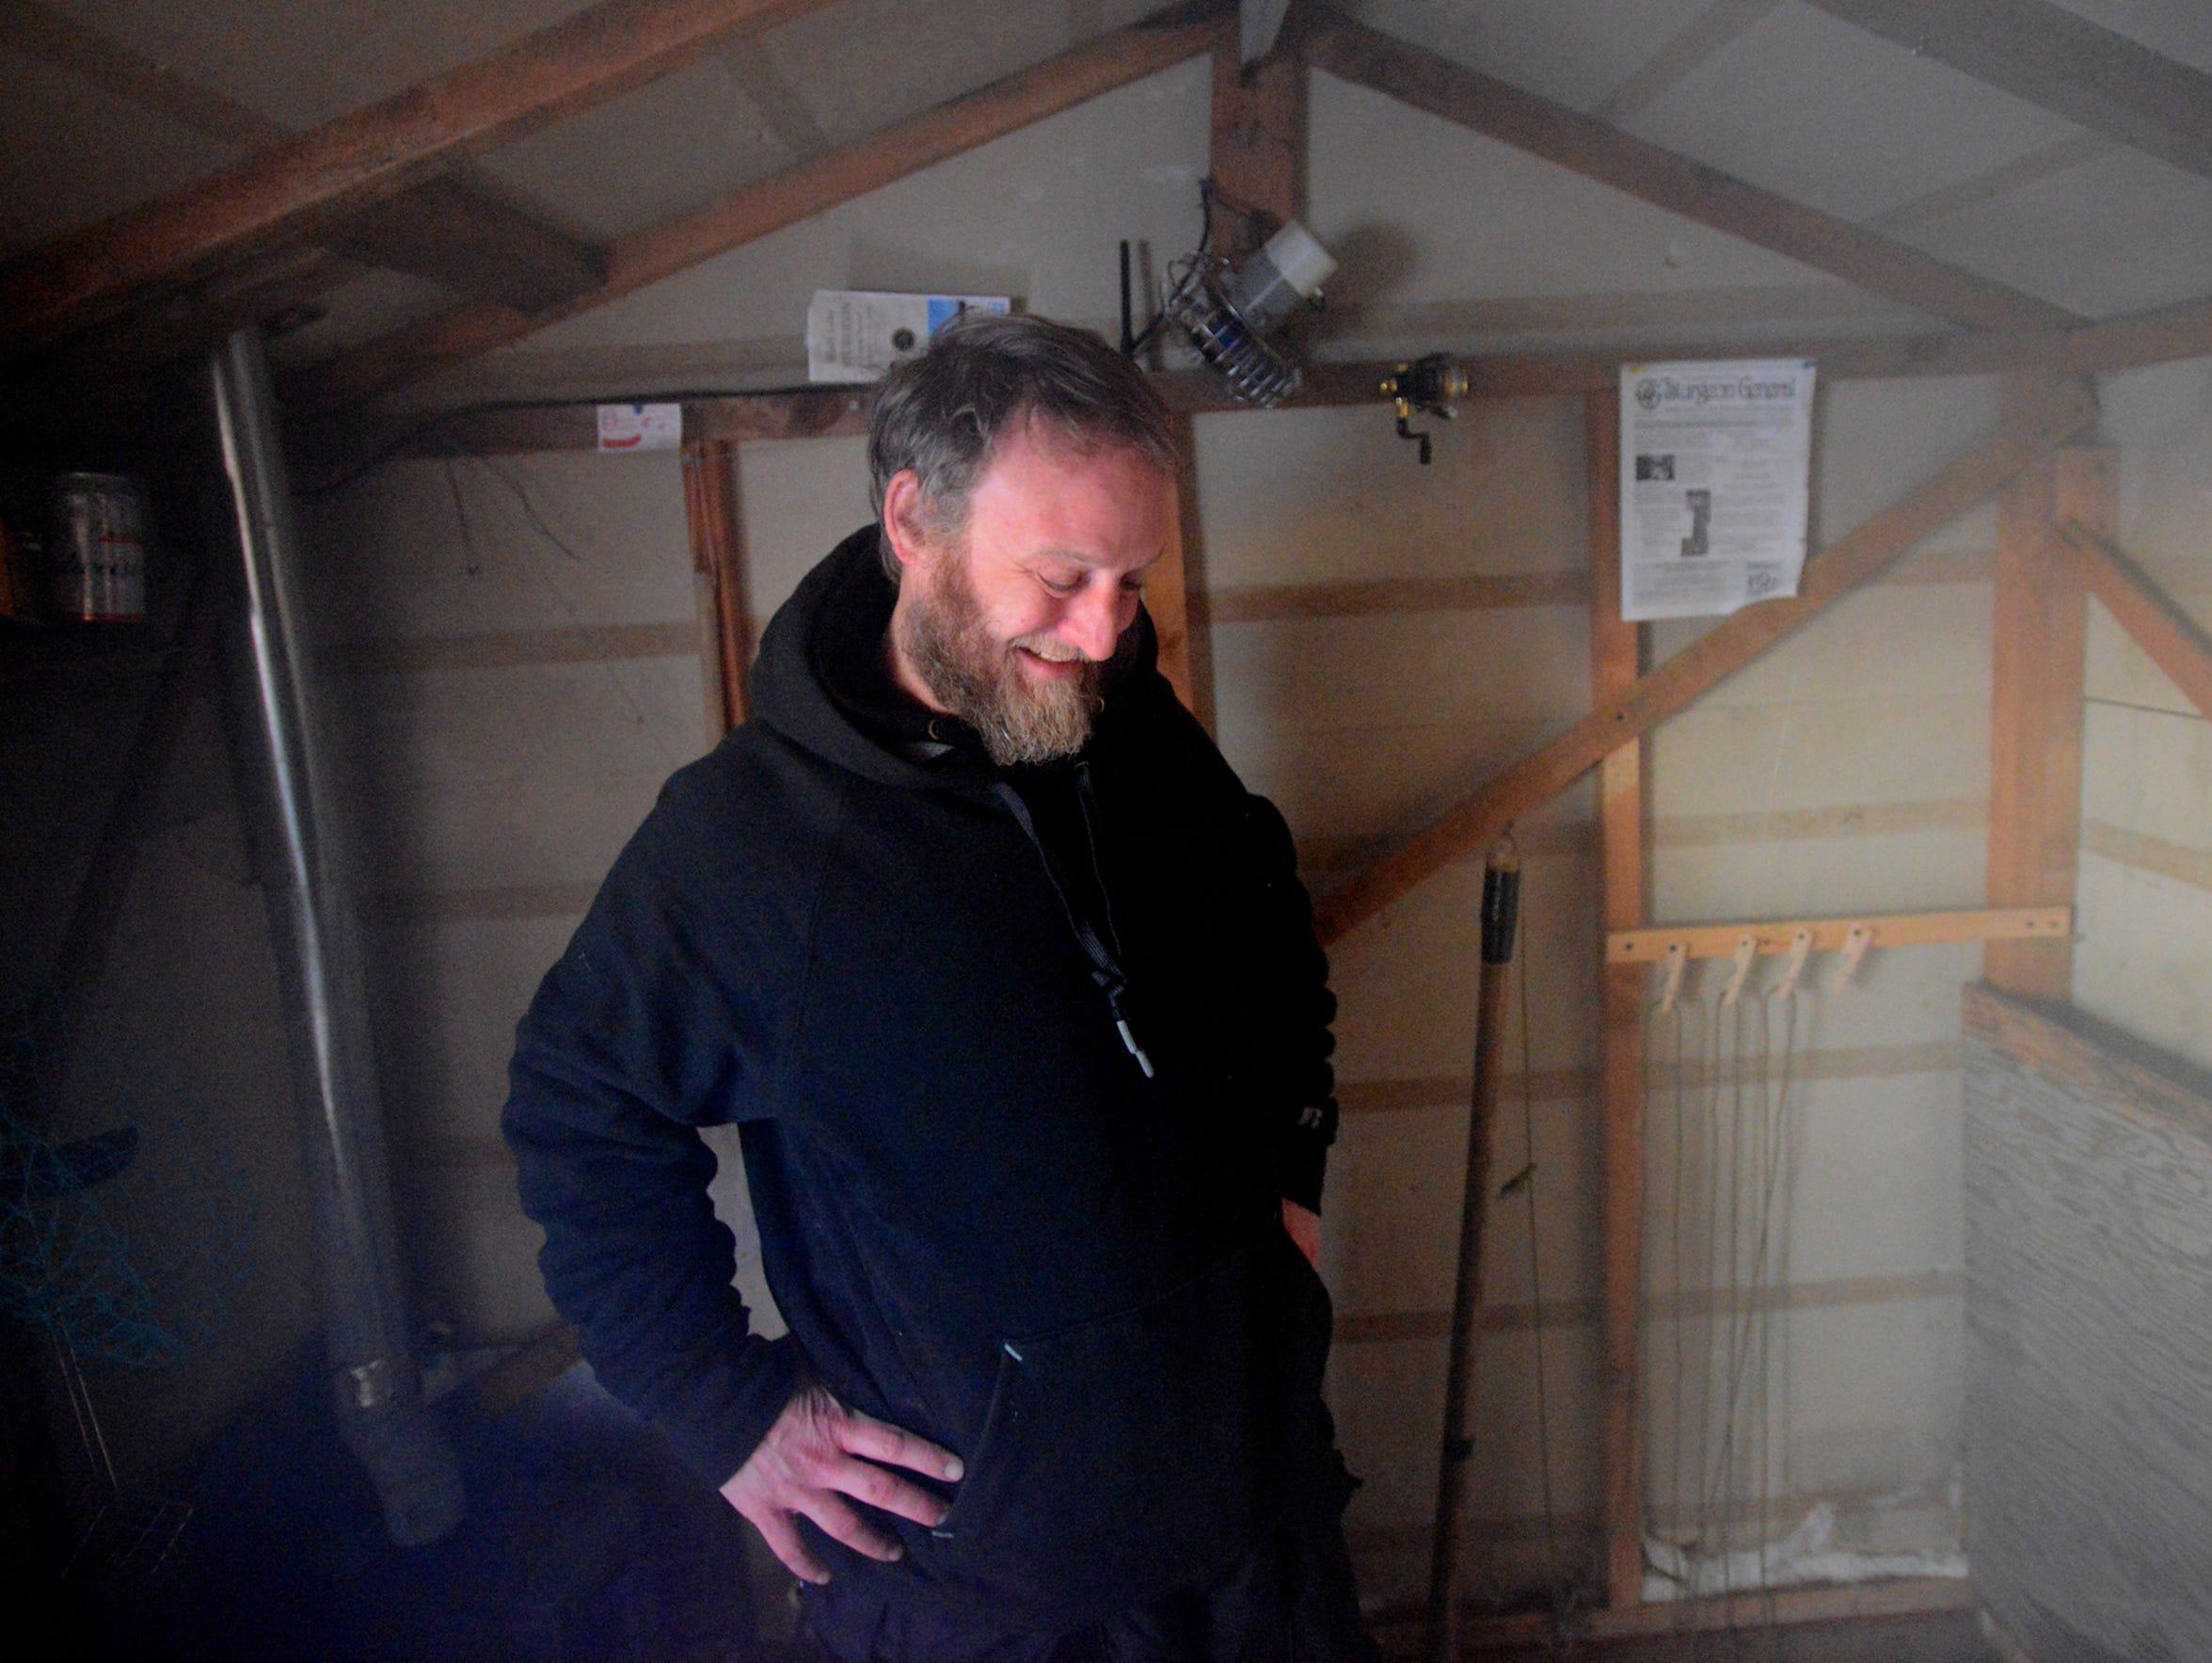 Last year's Sturgeon King Brian Bailey waits for sturgeon